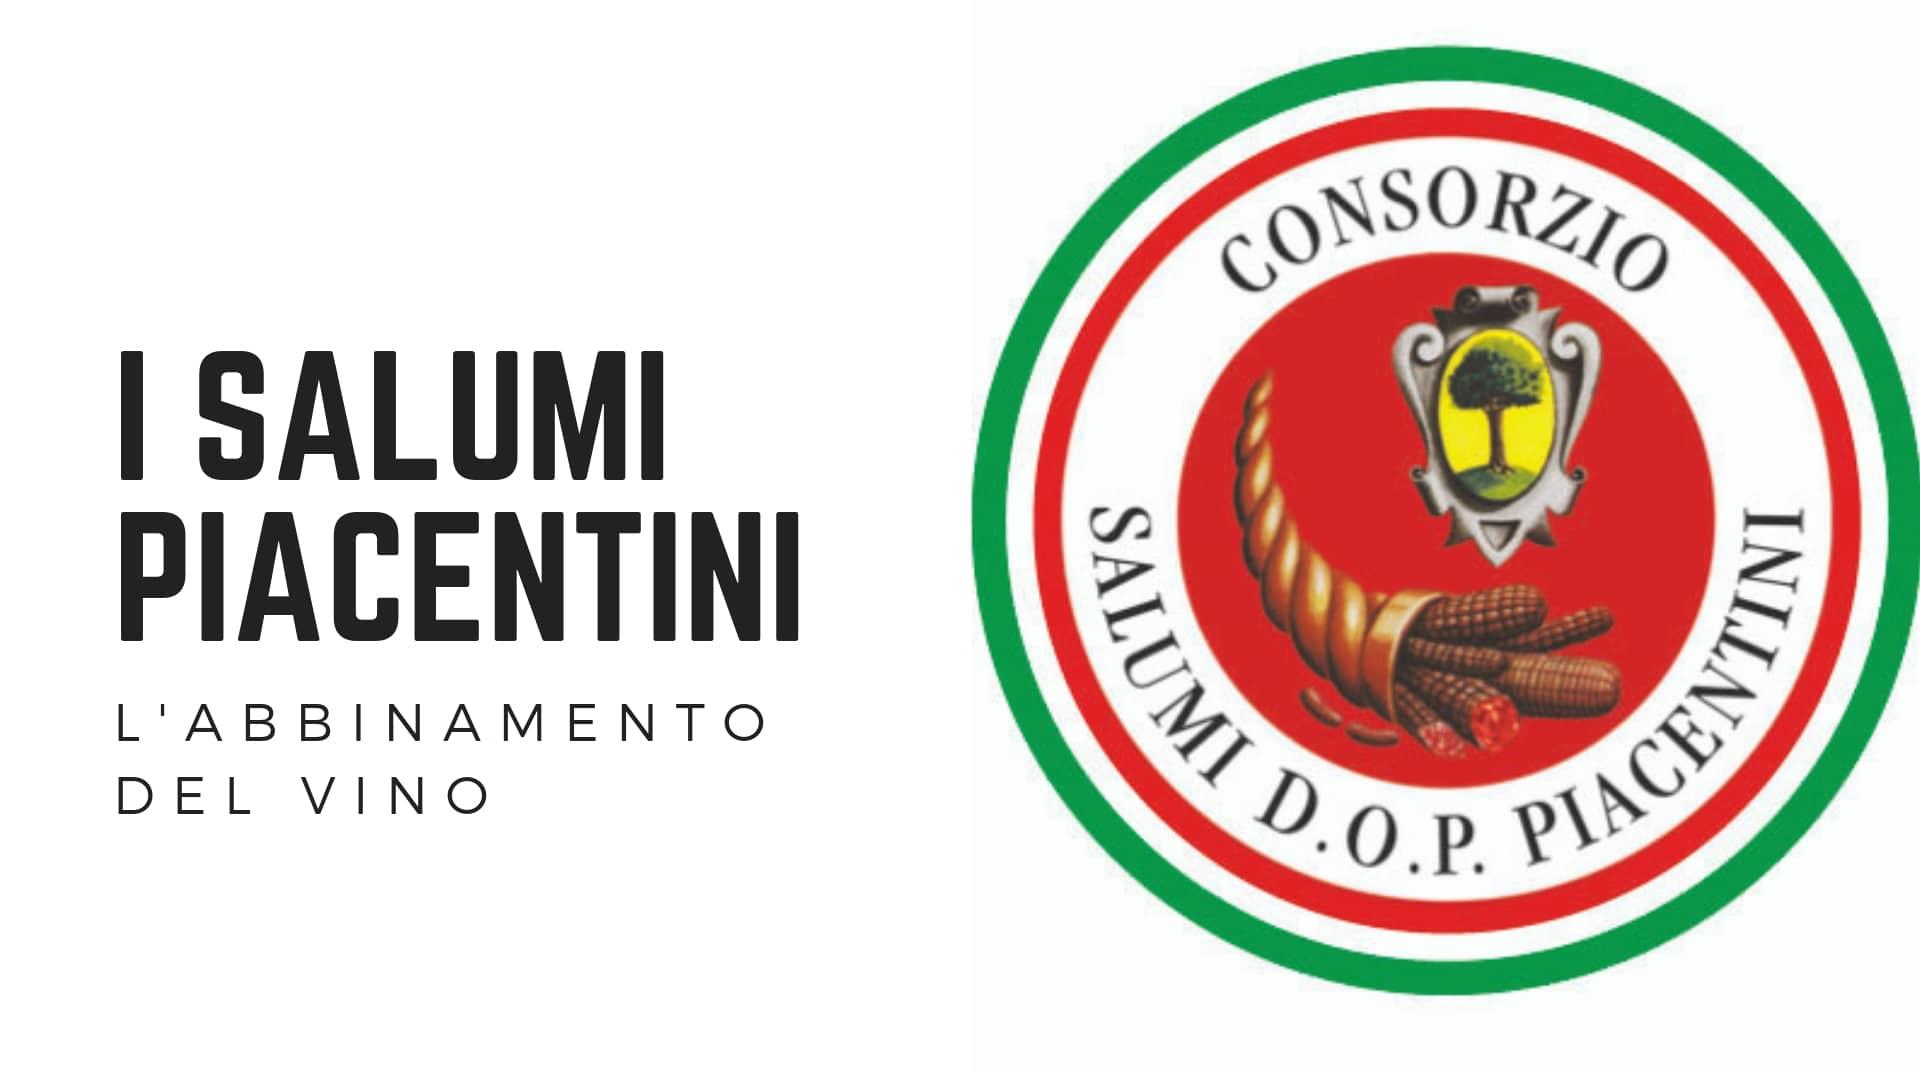 abbinamento dei Salumi Piacentini con il vino